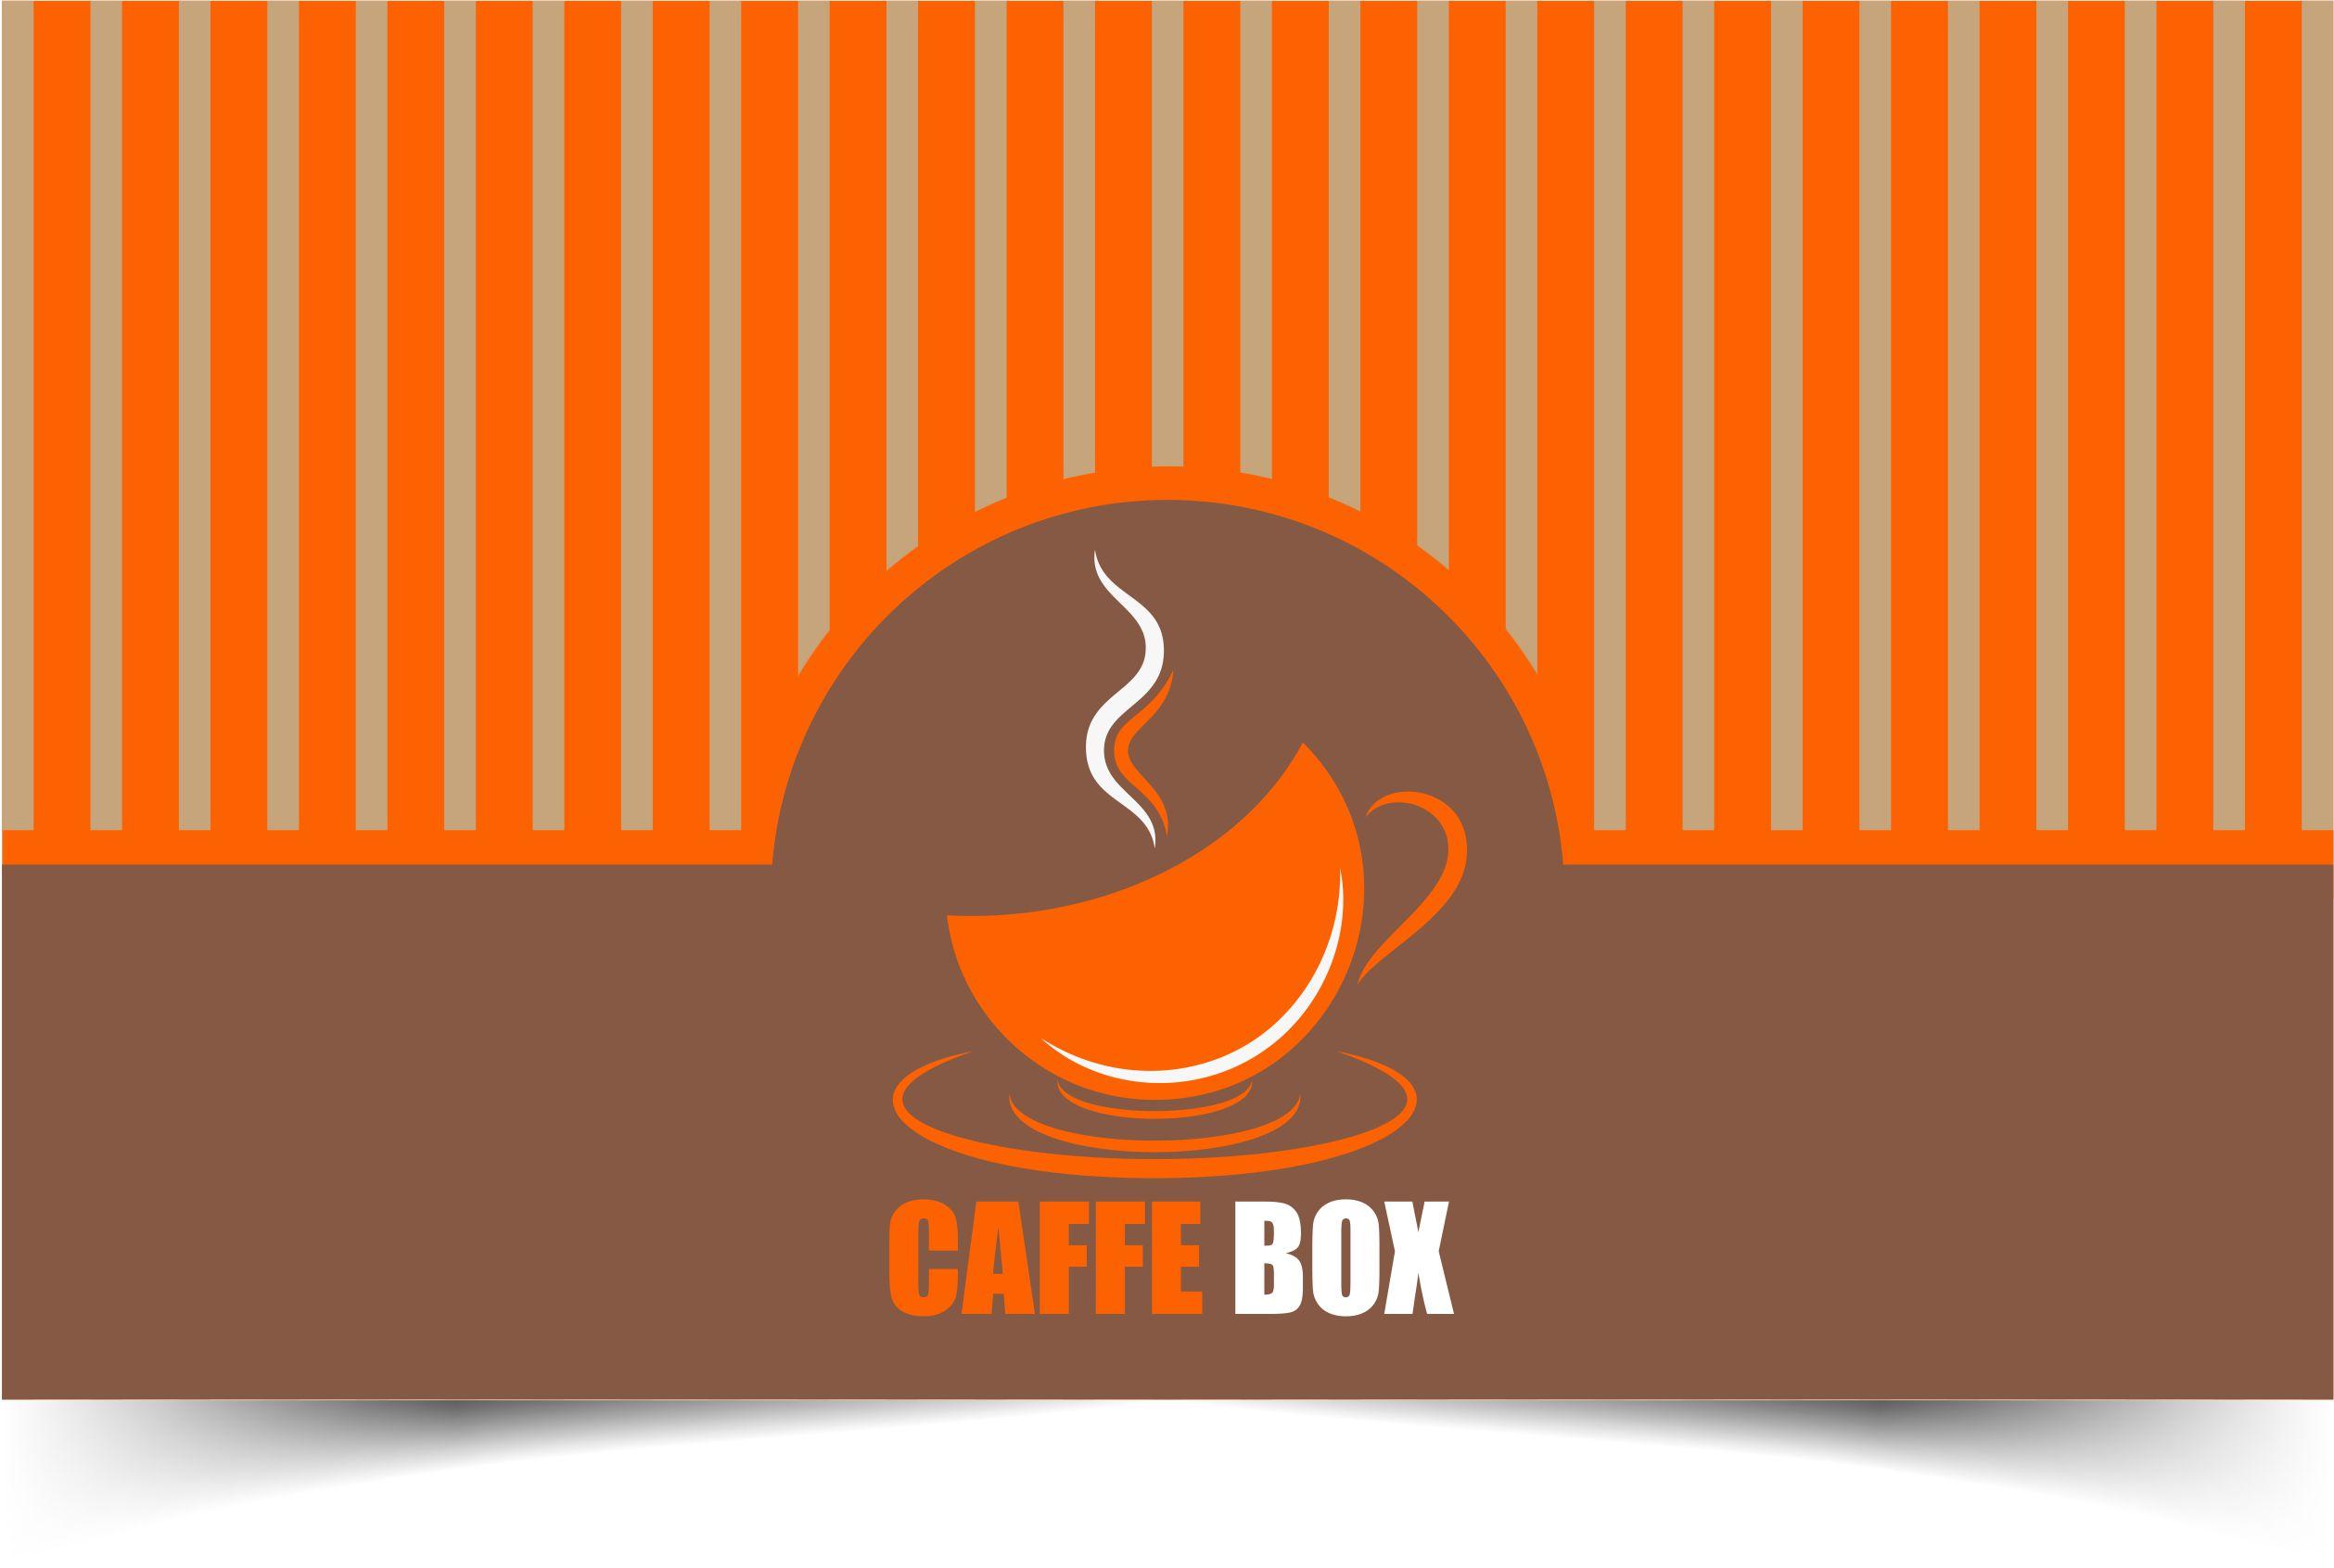 Требуется очень срочно разработать логотип кофейни! фото f_3745a0aeba6cfd6a.jpg